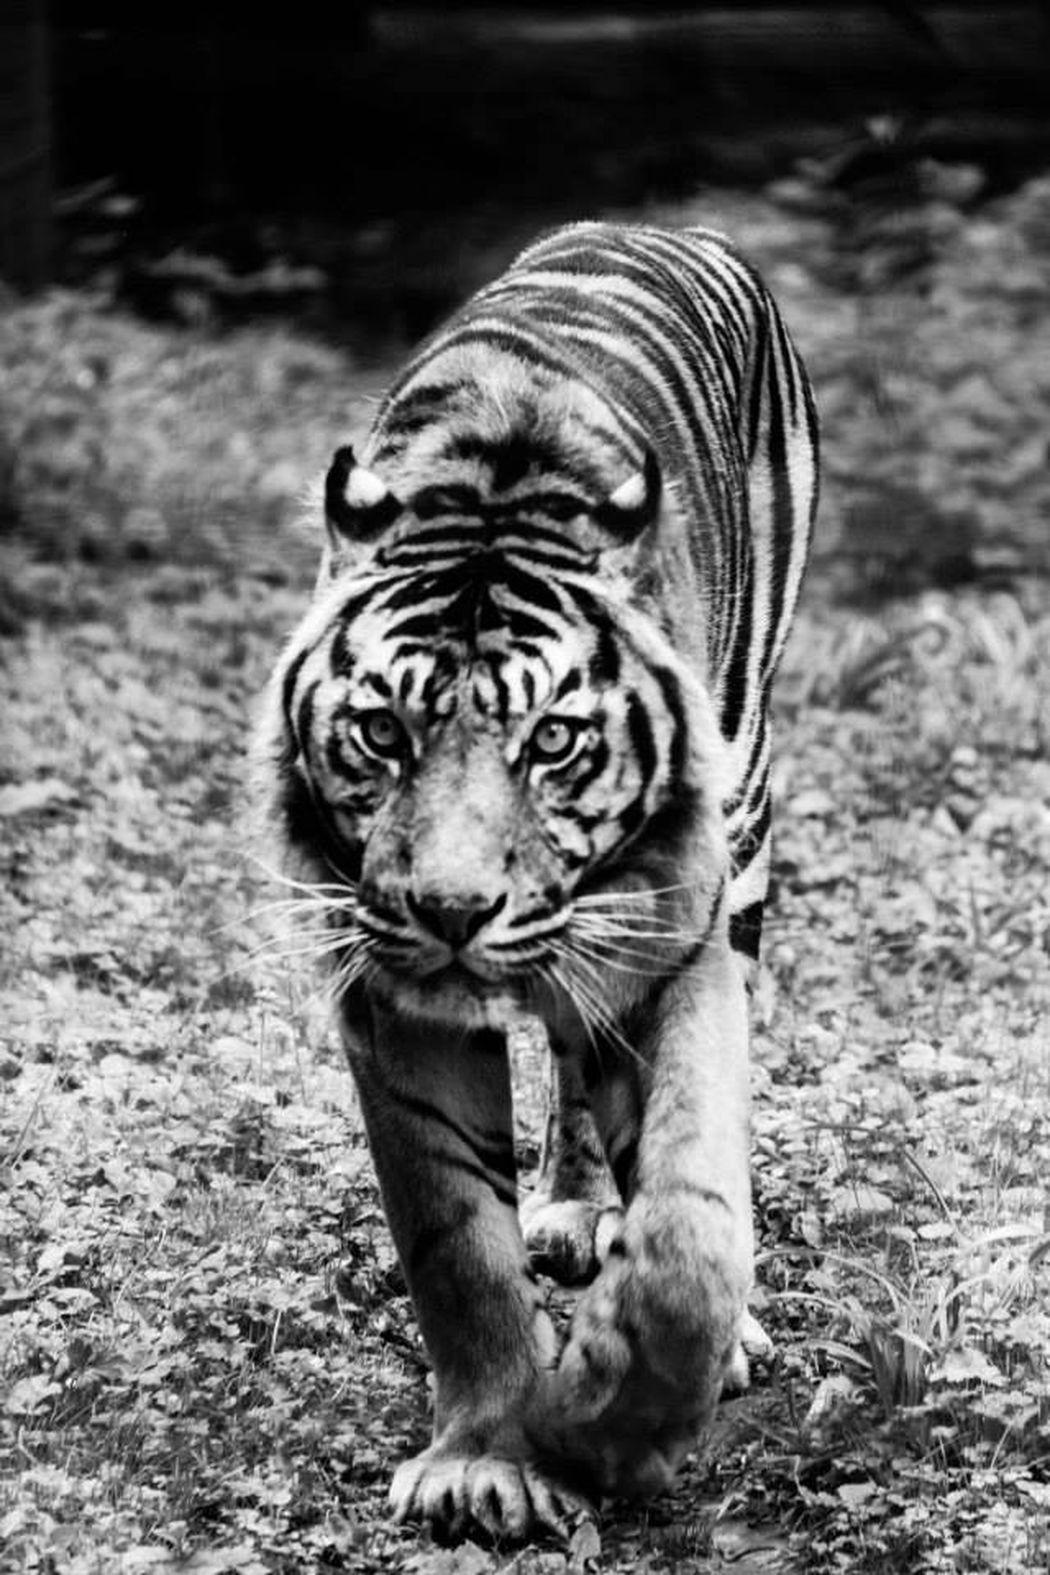 Tiger #tiger #wild #animal Taking Photos Zoo Blackandwhite